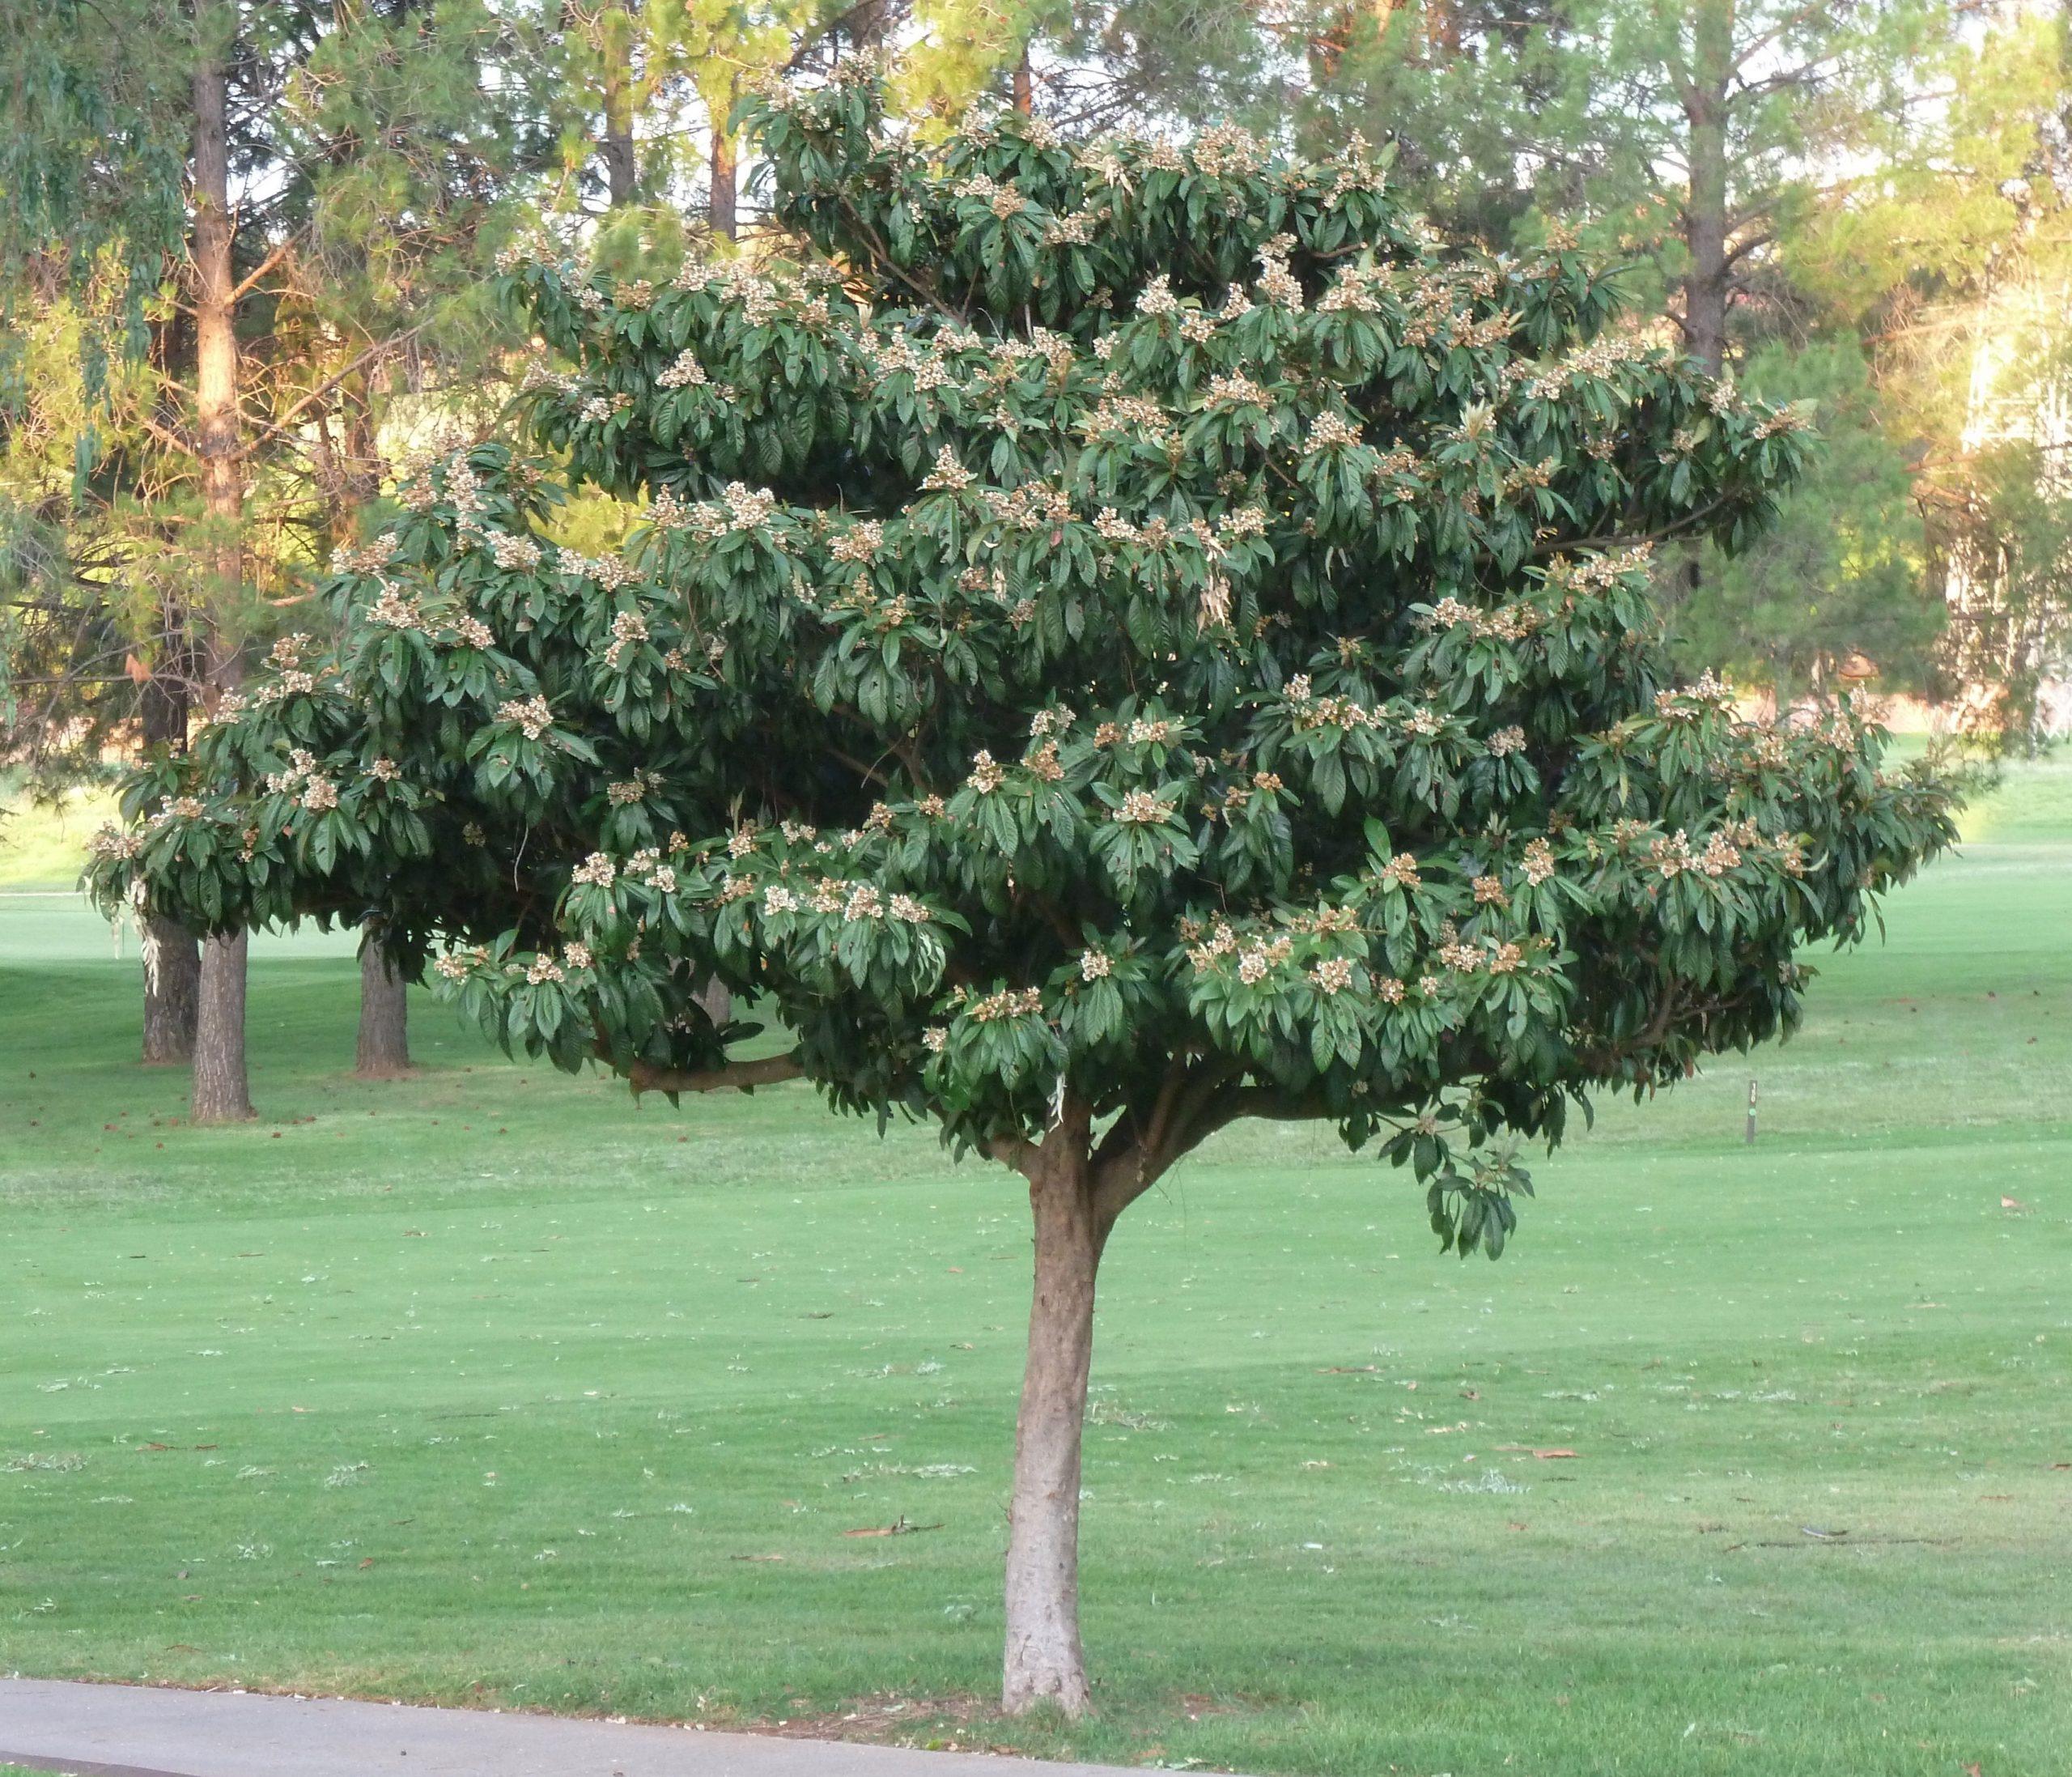 Los nísperos son árboles frutales